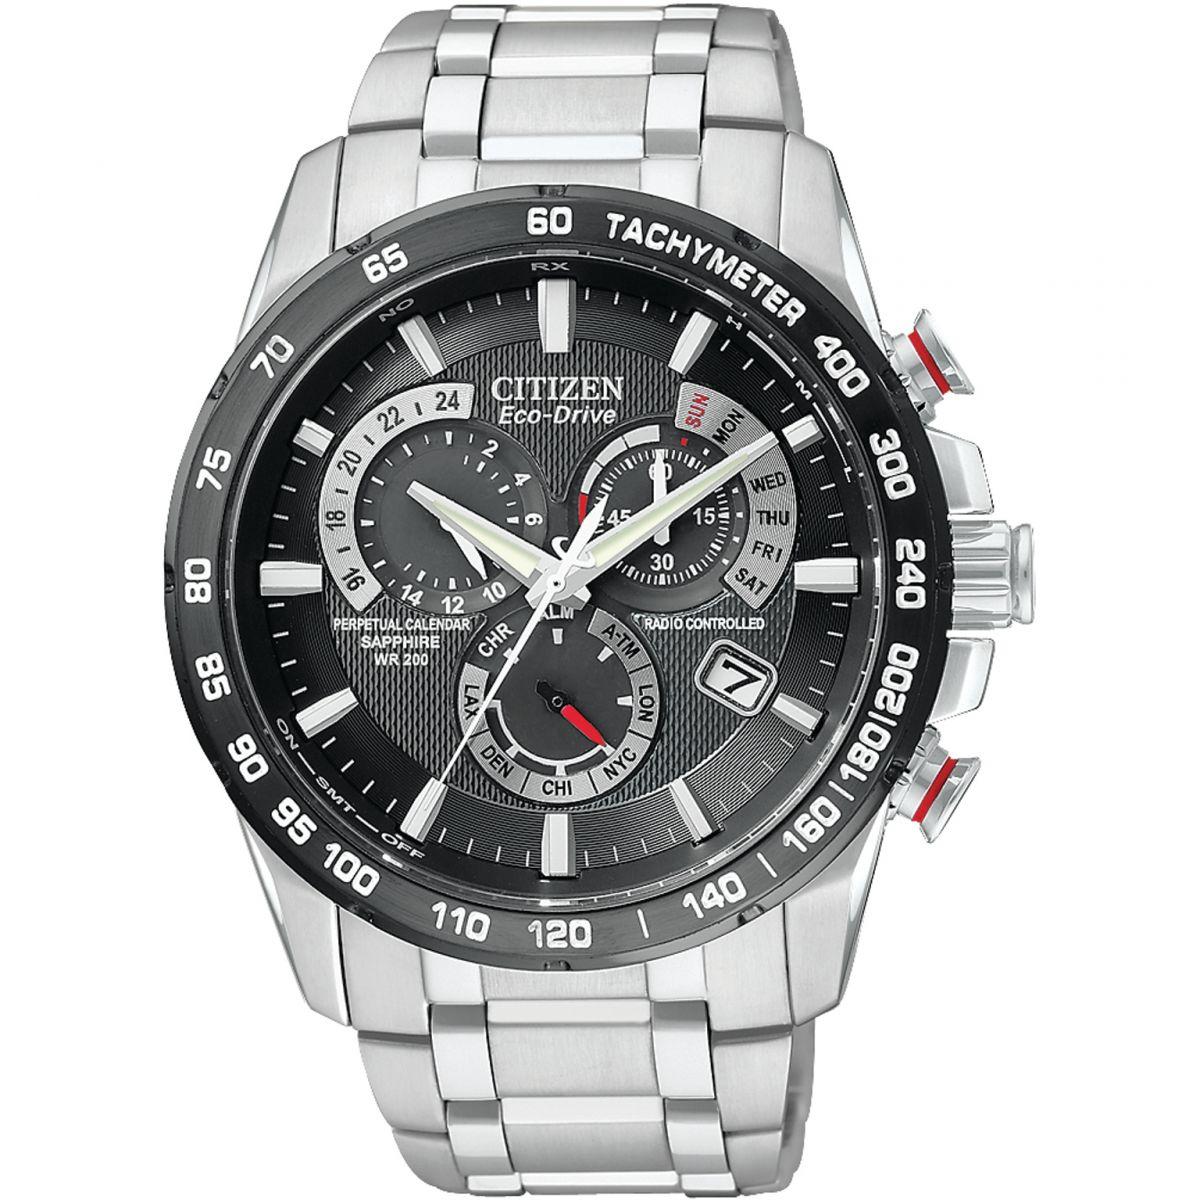 Zegarek Citizen Chrono Perpetual A-T AT4008-51E